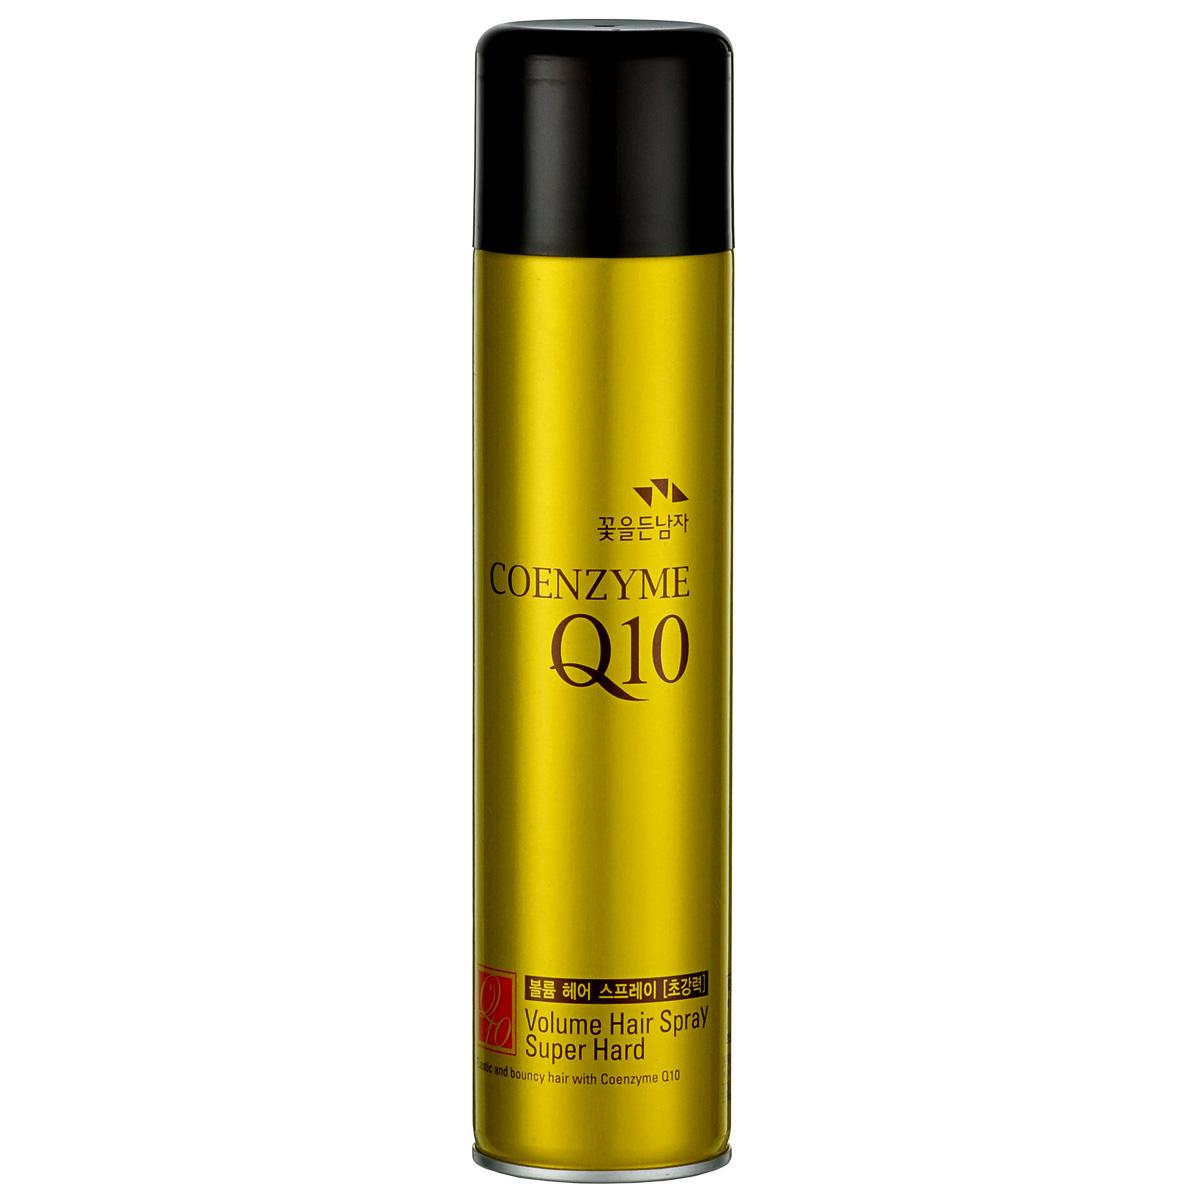 Somang Coenzyme Q10 Лак для укладки волос, 300 мл720504Длительная укладка без ощущения липкости при прикосновении. Содержит экстракт цветов Даурской Розы, керамид и увлажняющий компонент. Коэнзим Q10 причастен к выработке 95 % всей клеточной энергии. Являясь мощным антиоксидантом, Коэнзим Q10 нормализует энергетический процессы, улучшает кислородный обмен, замедляет старение клеток, дезактивирует свободные радикалы.